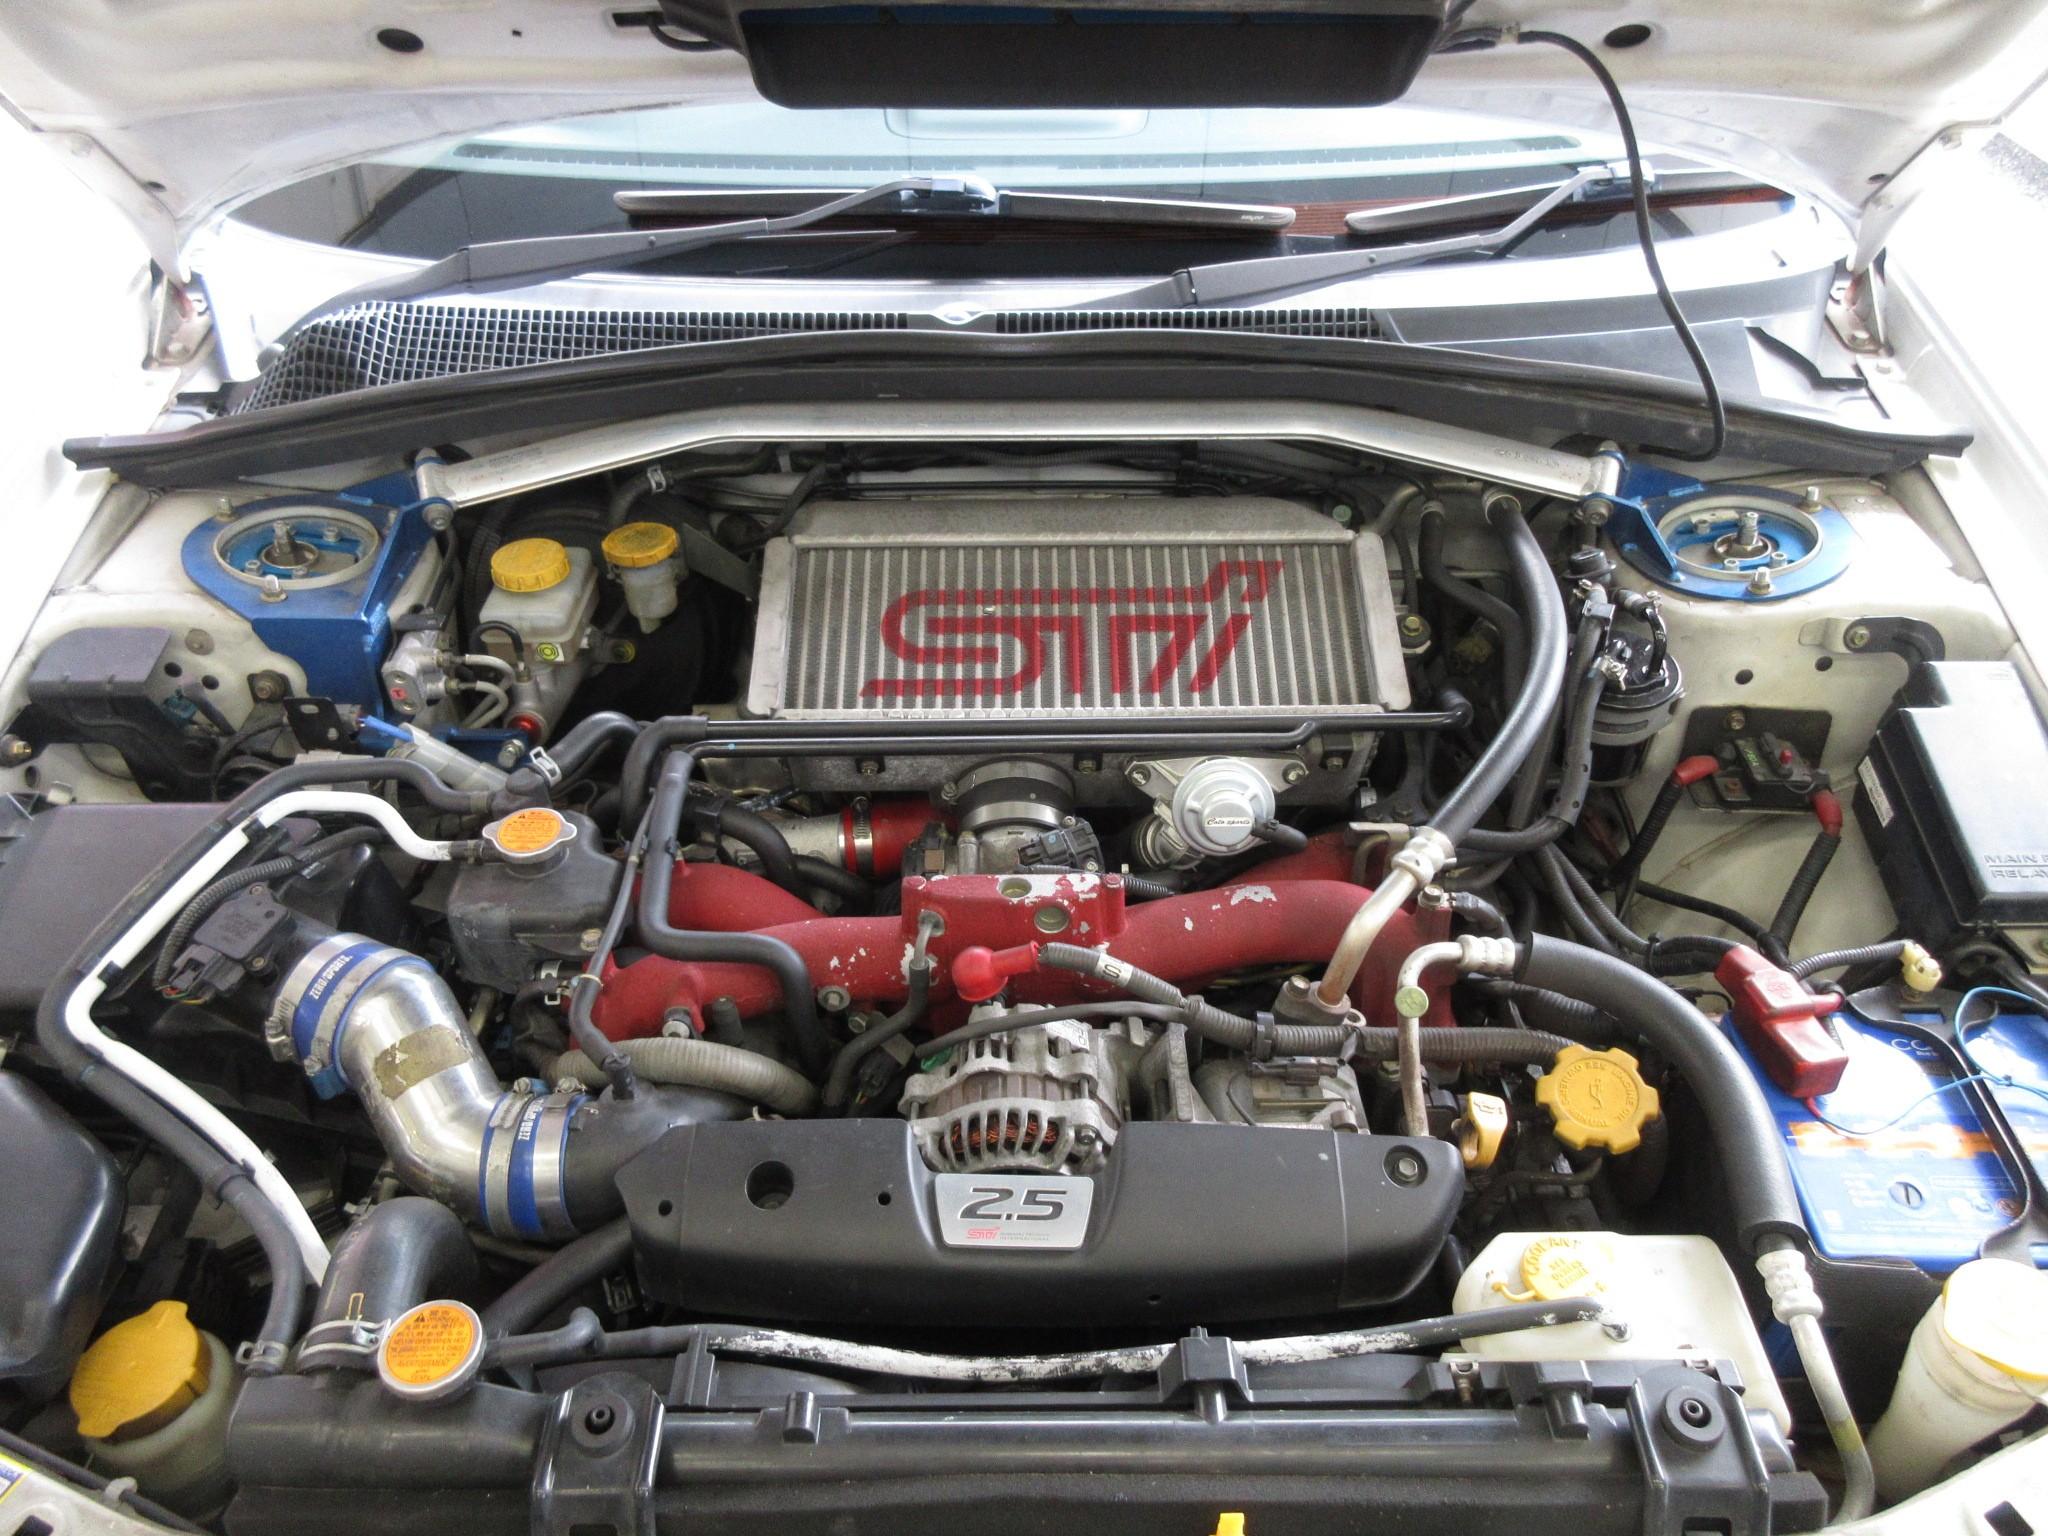 水平対向にも効果抜群 フォレスター Sti Ver Sg9 にハイスパークイグニッションコイルを取り付け スバル フォレスター 店長アサコのブログ コクピット 55 車のカスタマイズにかかわるスタッフより